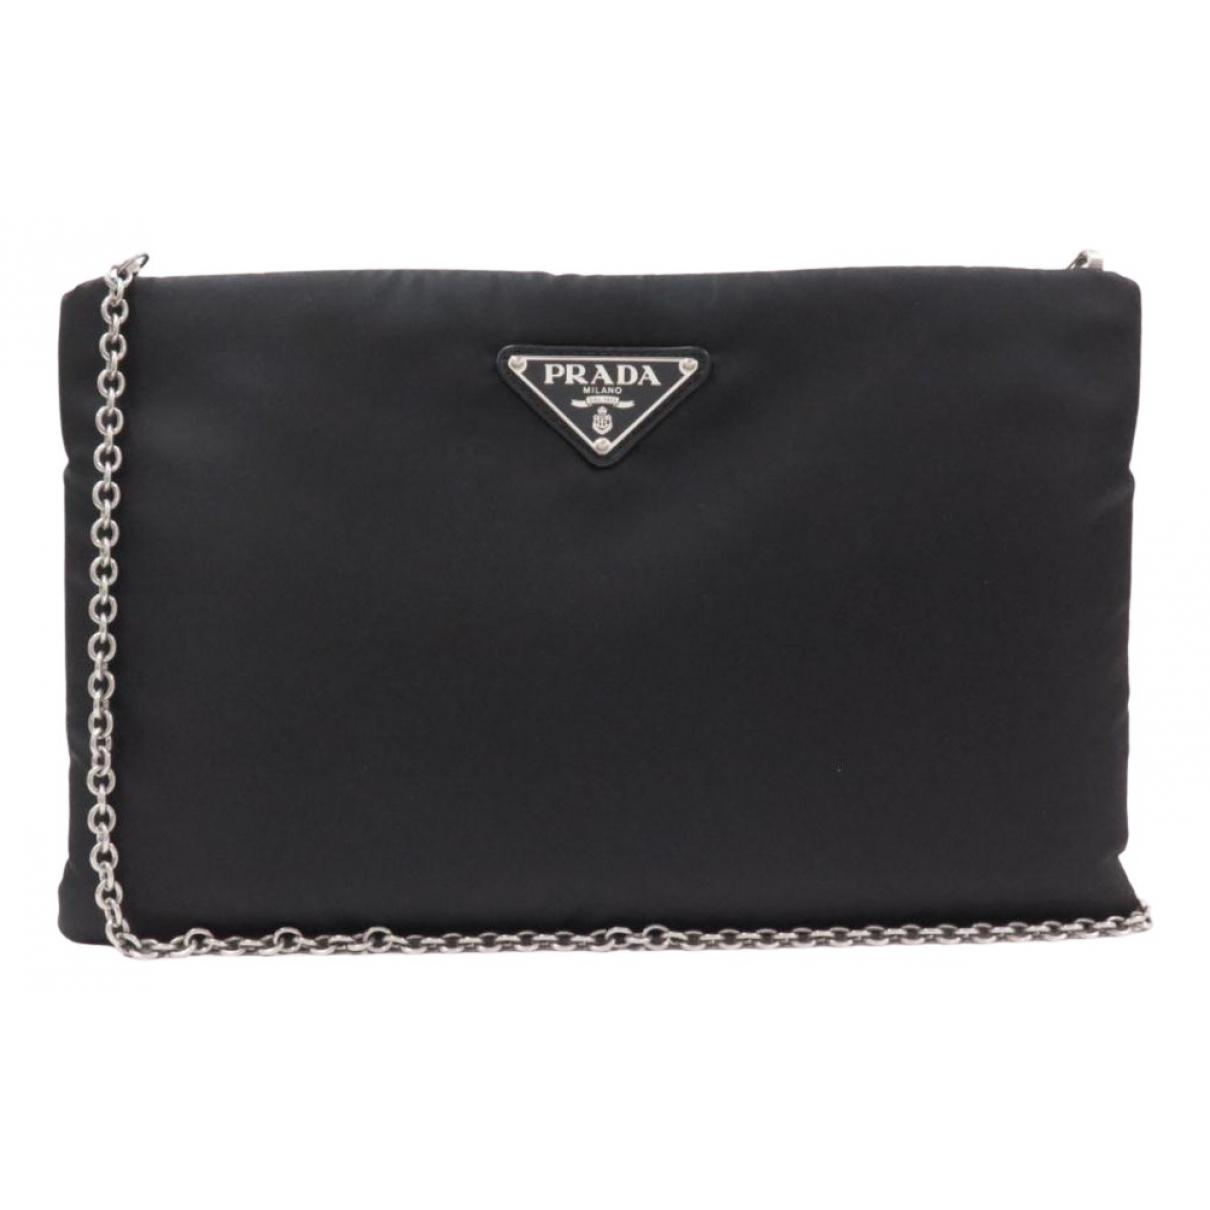 Prada \N Handtasche in  Schwarz Polyester